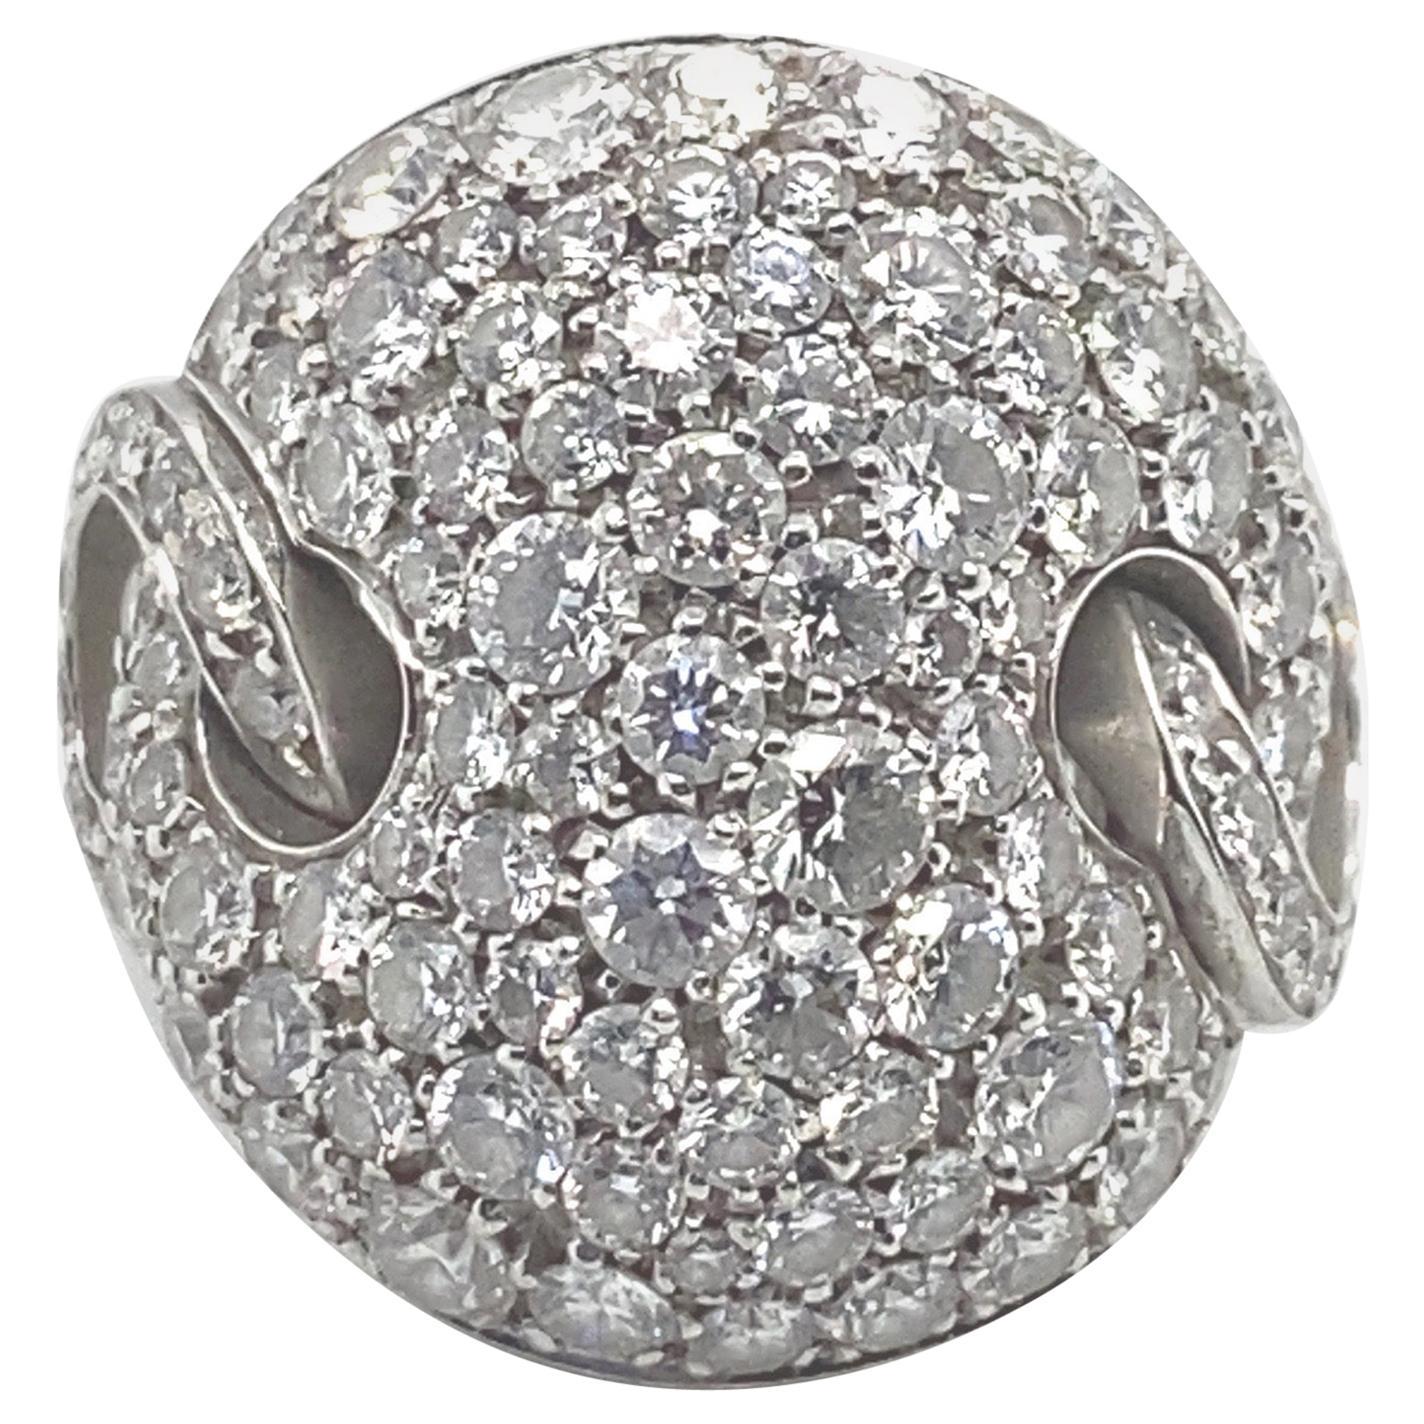 Bulgari Diamond Pave Cocktail Ring